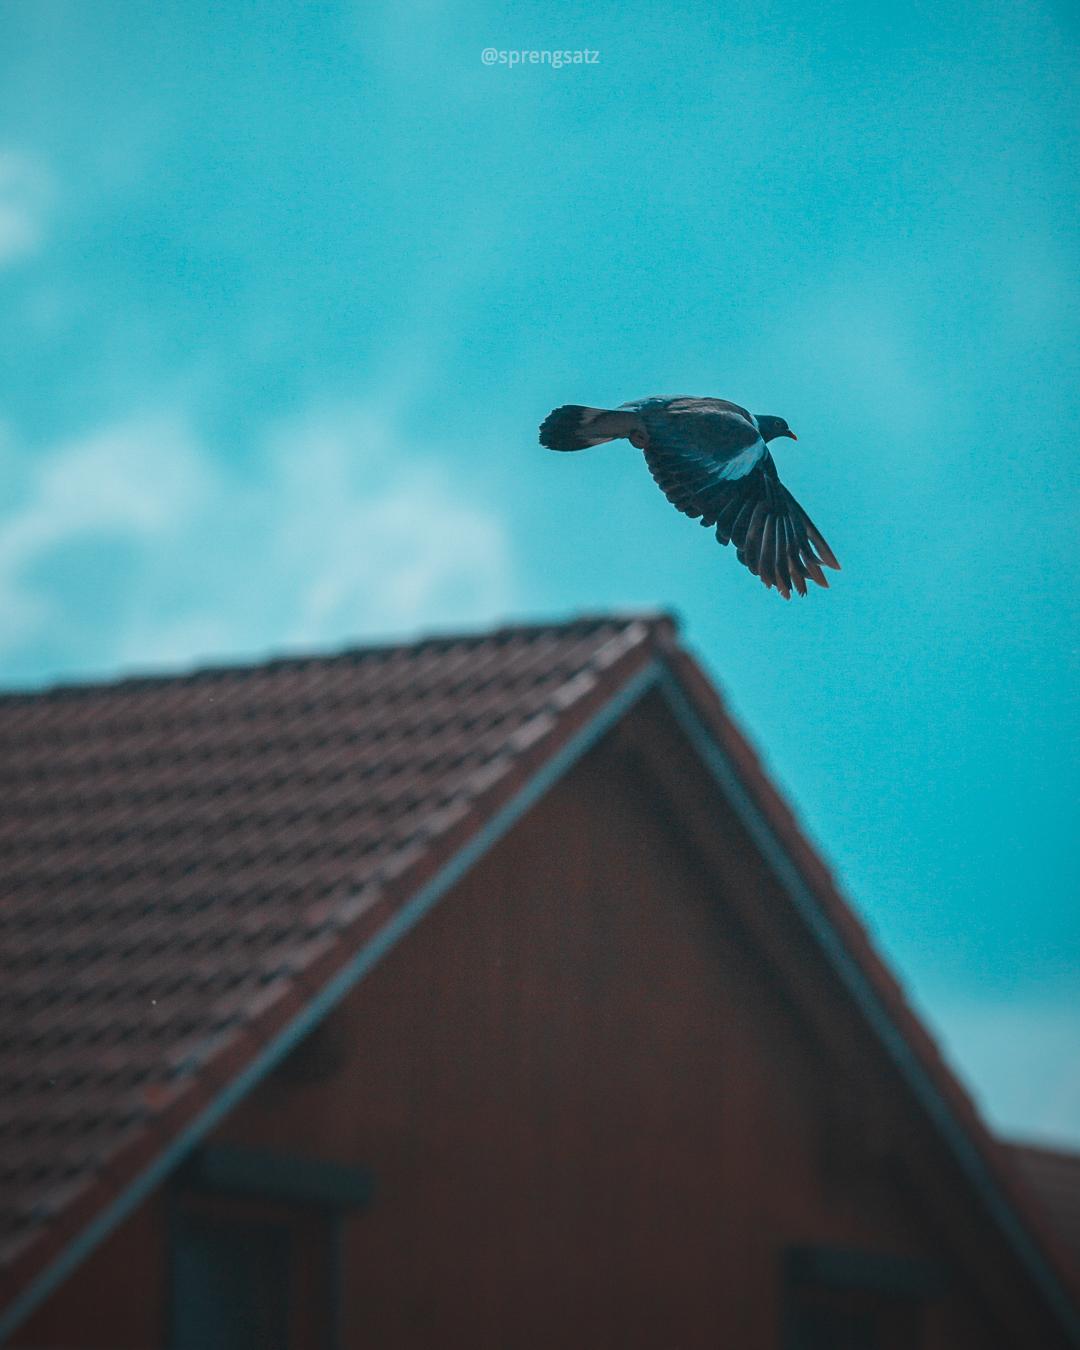 Ringeltaube im Flug vor blauem Himmel und Hausdach